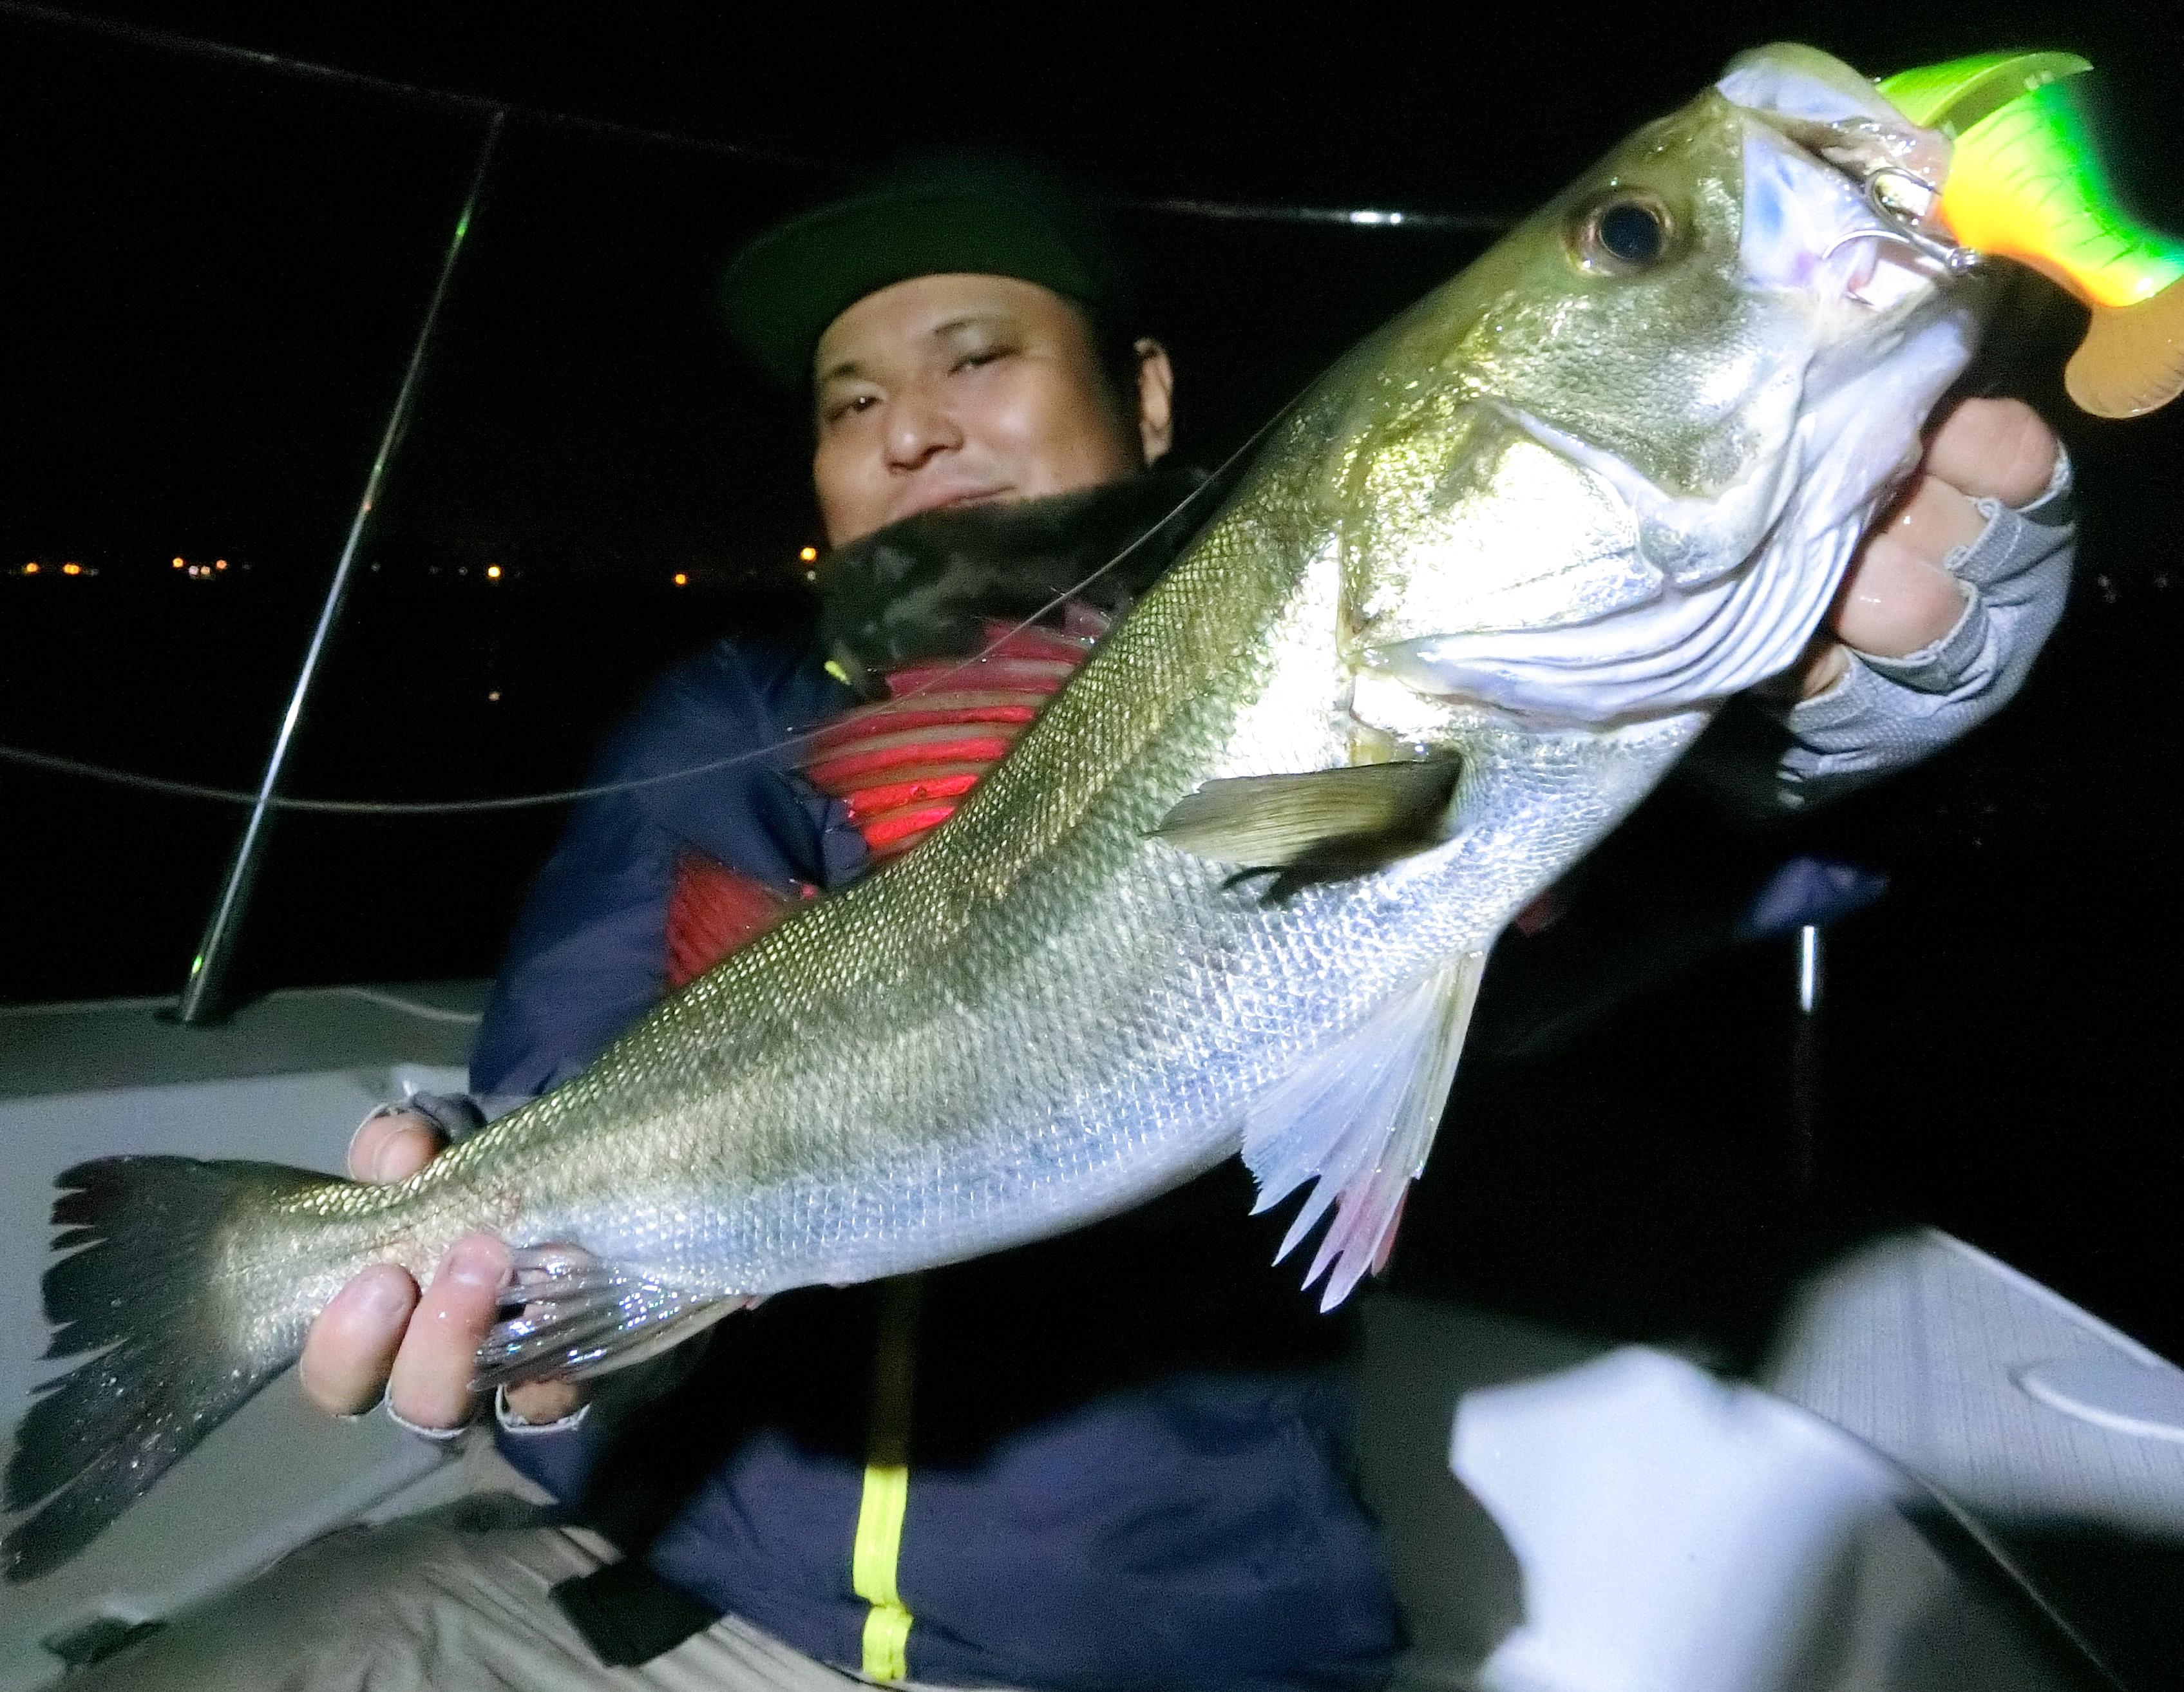 今年も行ってきました、横浜・ボートシーバス!コモドでビッグベイト縛りという修行のような釣りでした(笑)